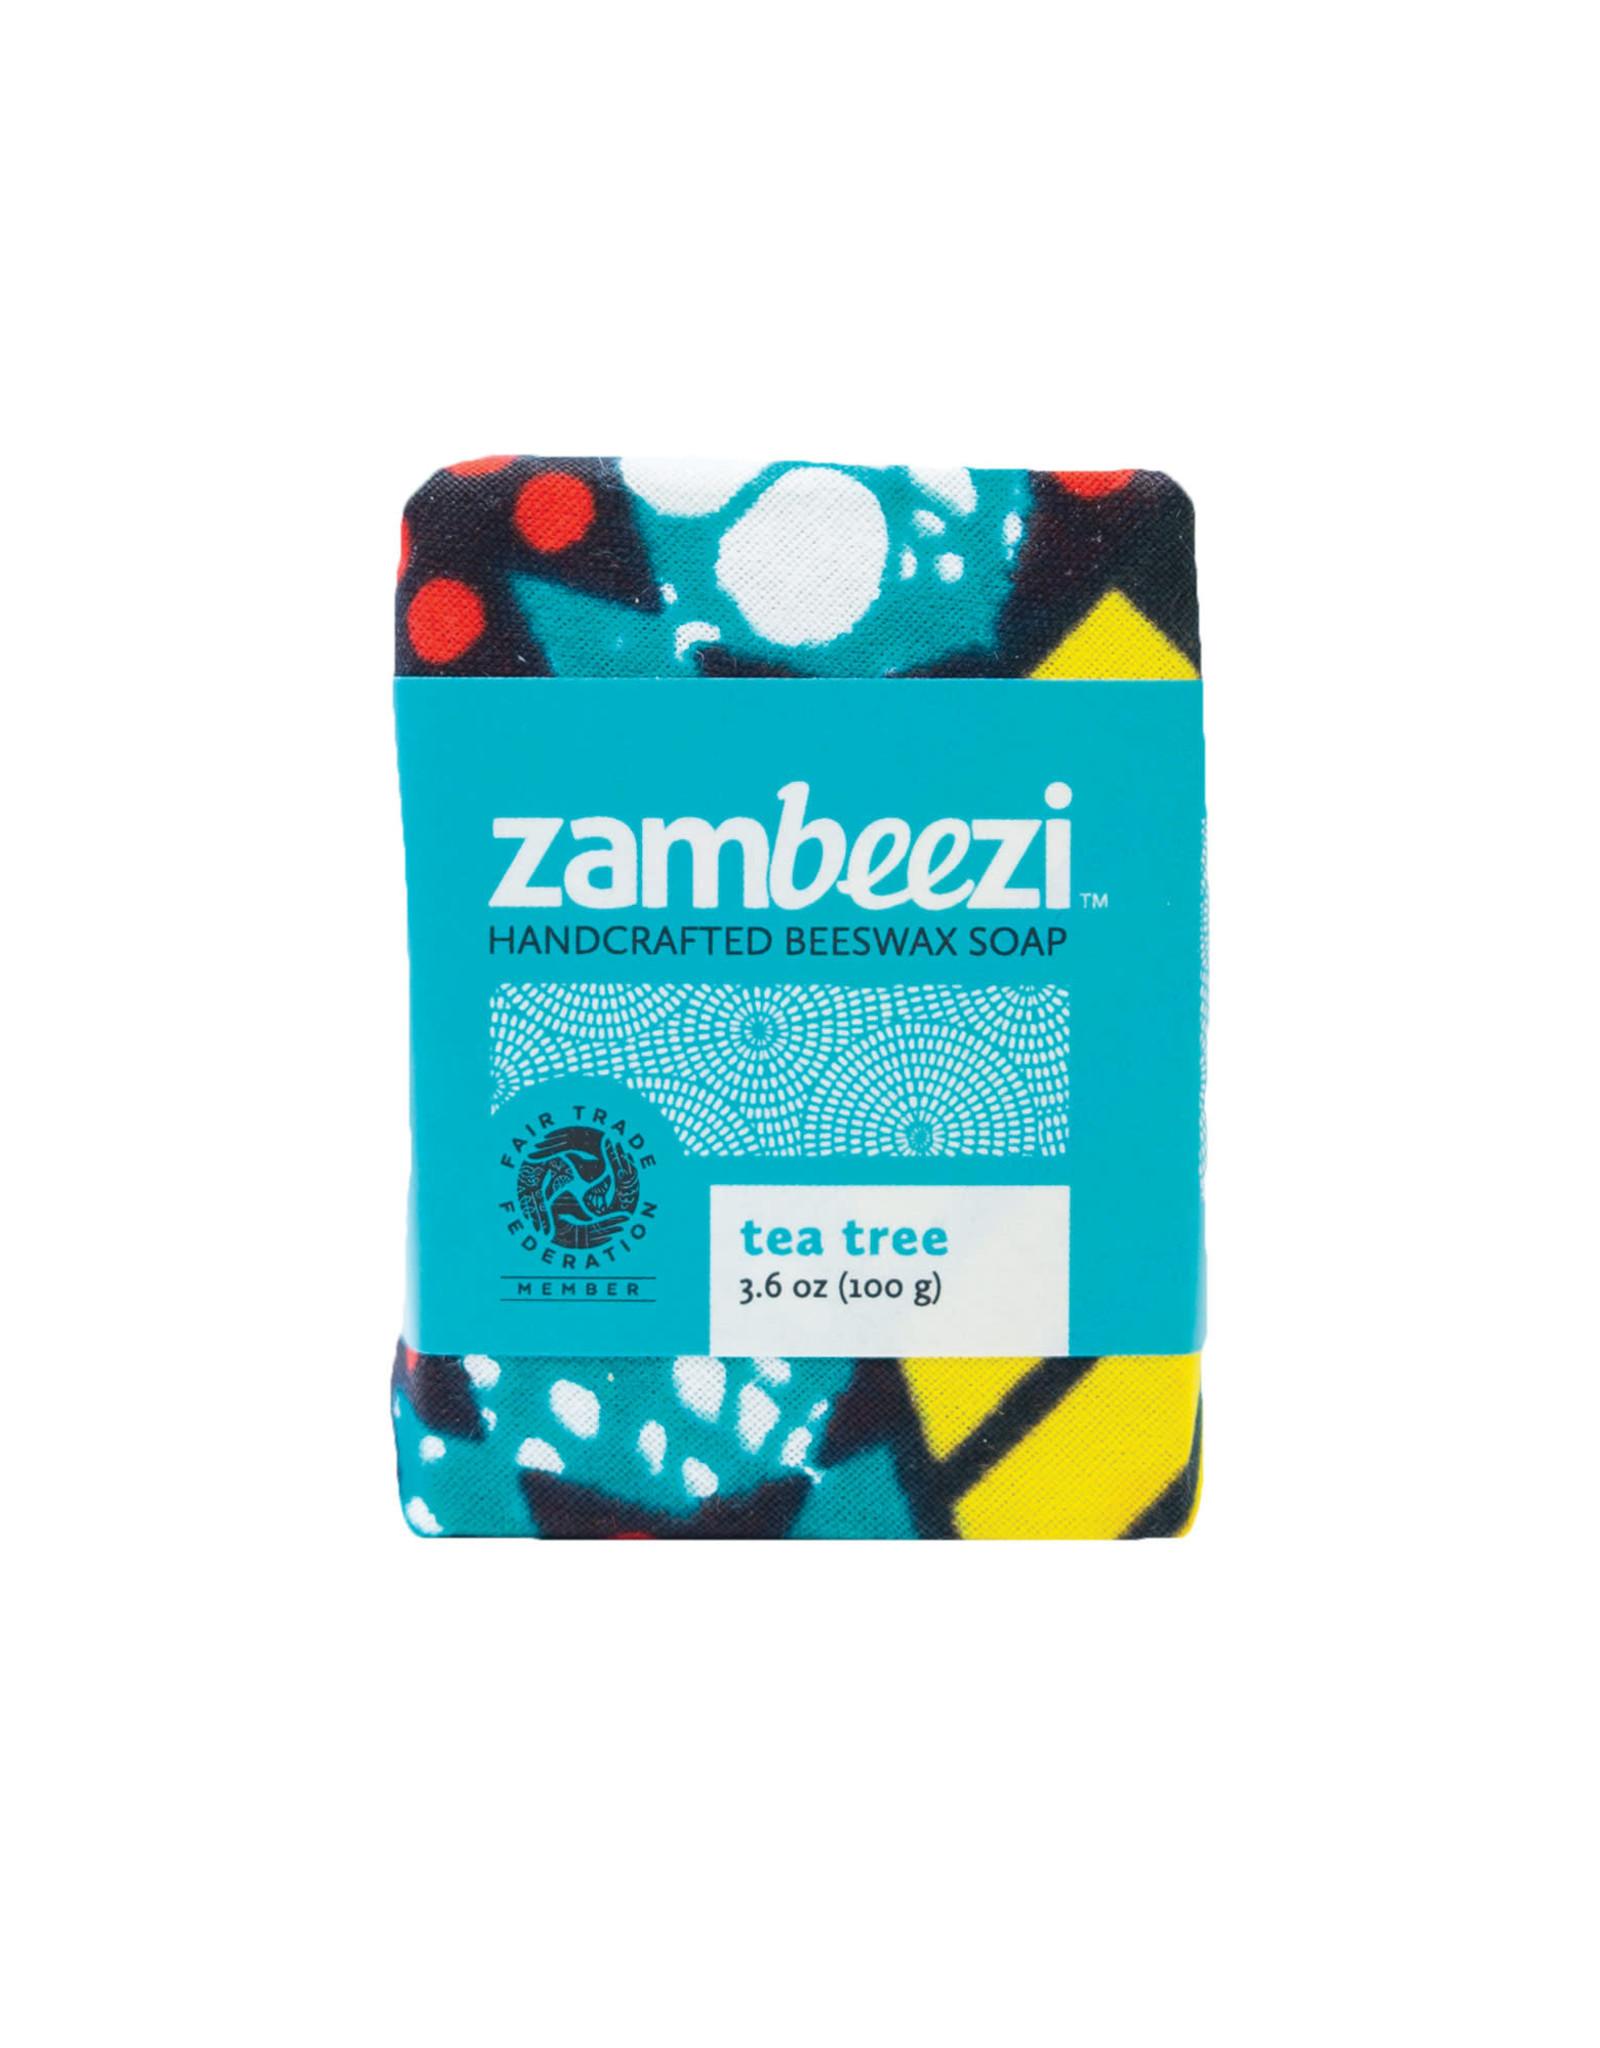 Zambeezi Tea Tree Beeswax Soap, 100g, Zambia